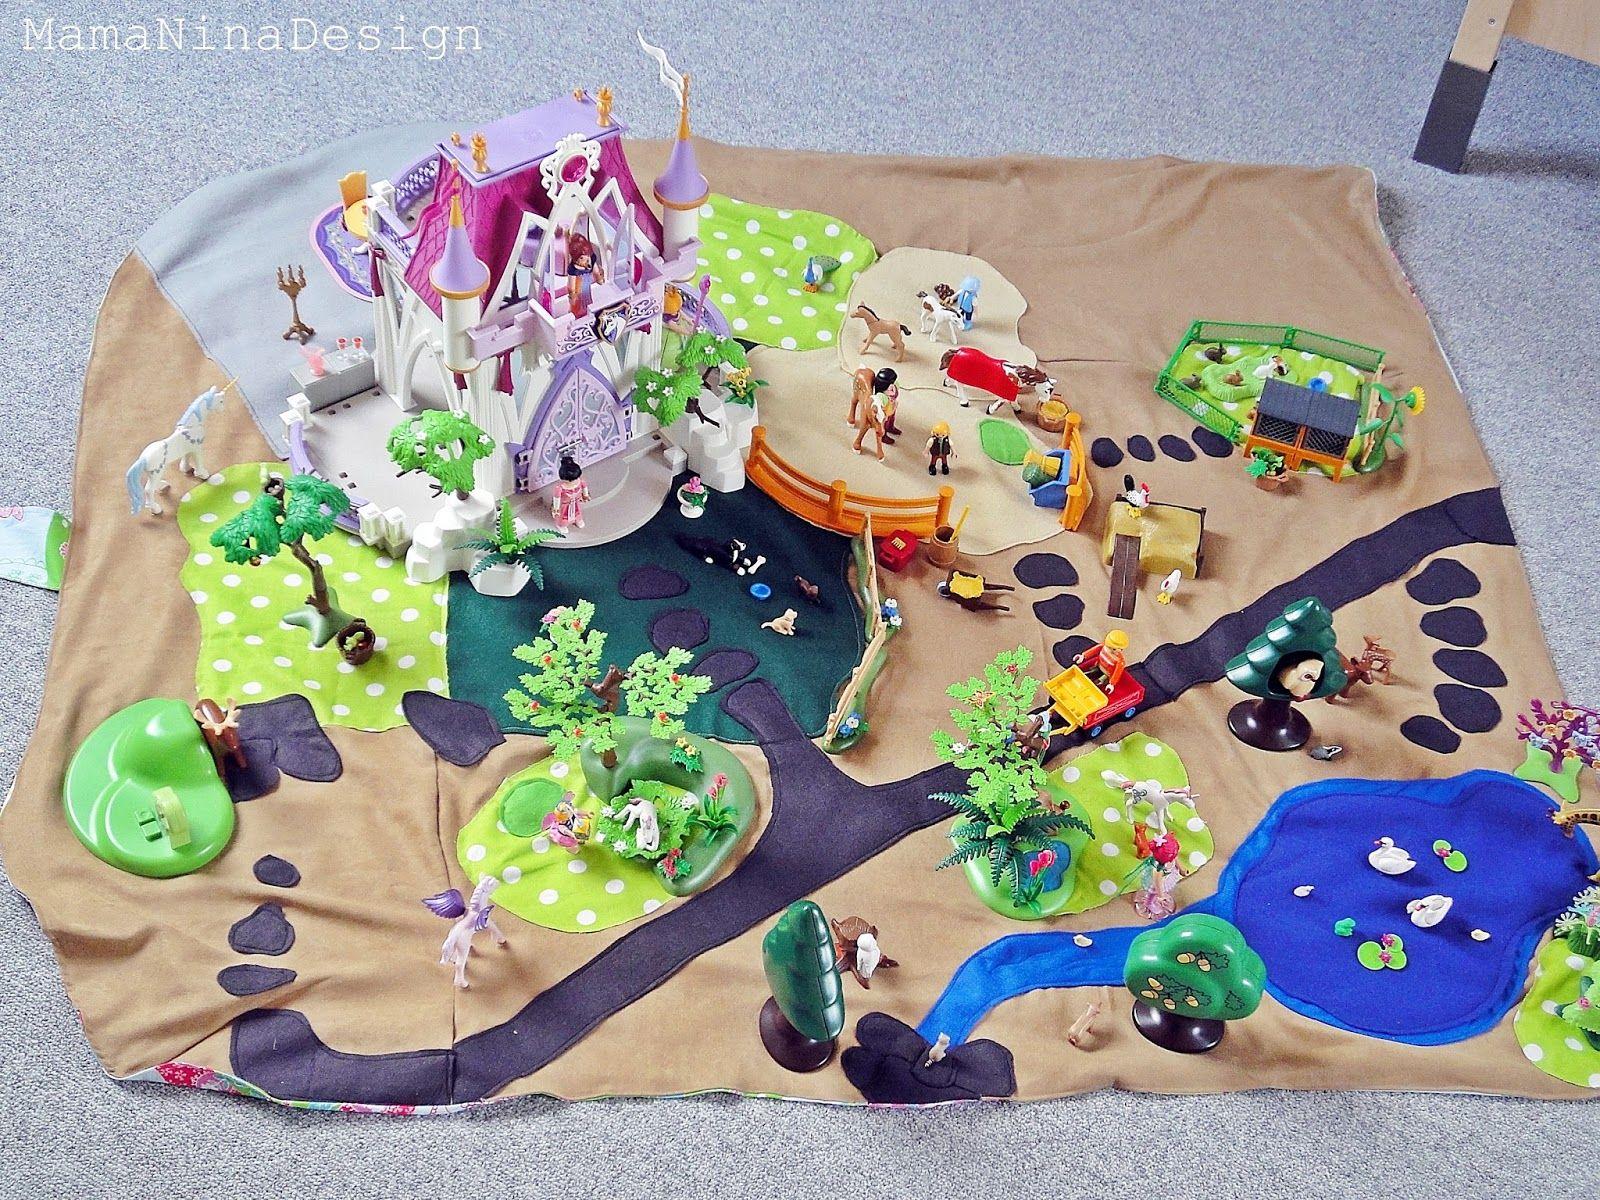 Handmade With Love Genahte Spiellandschaft Nahprojekte Fur Kinder Filz Spielzeuge Playmobil Spielzeug